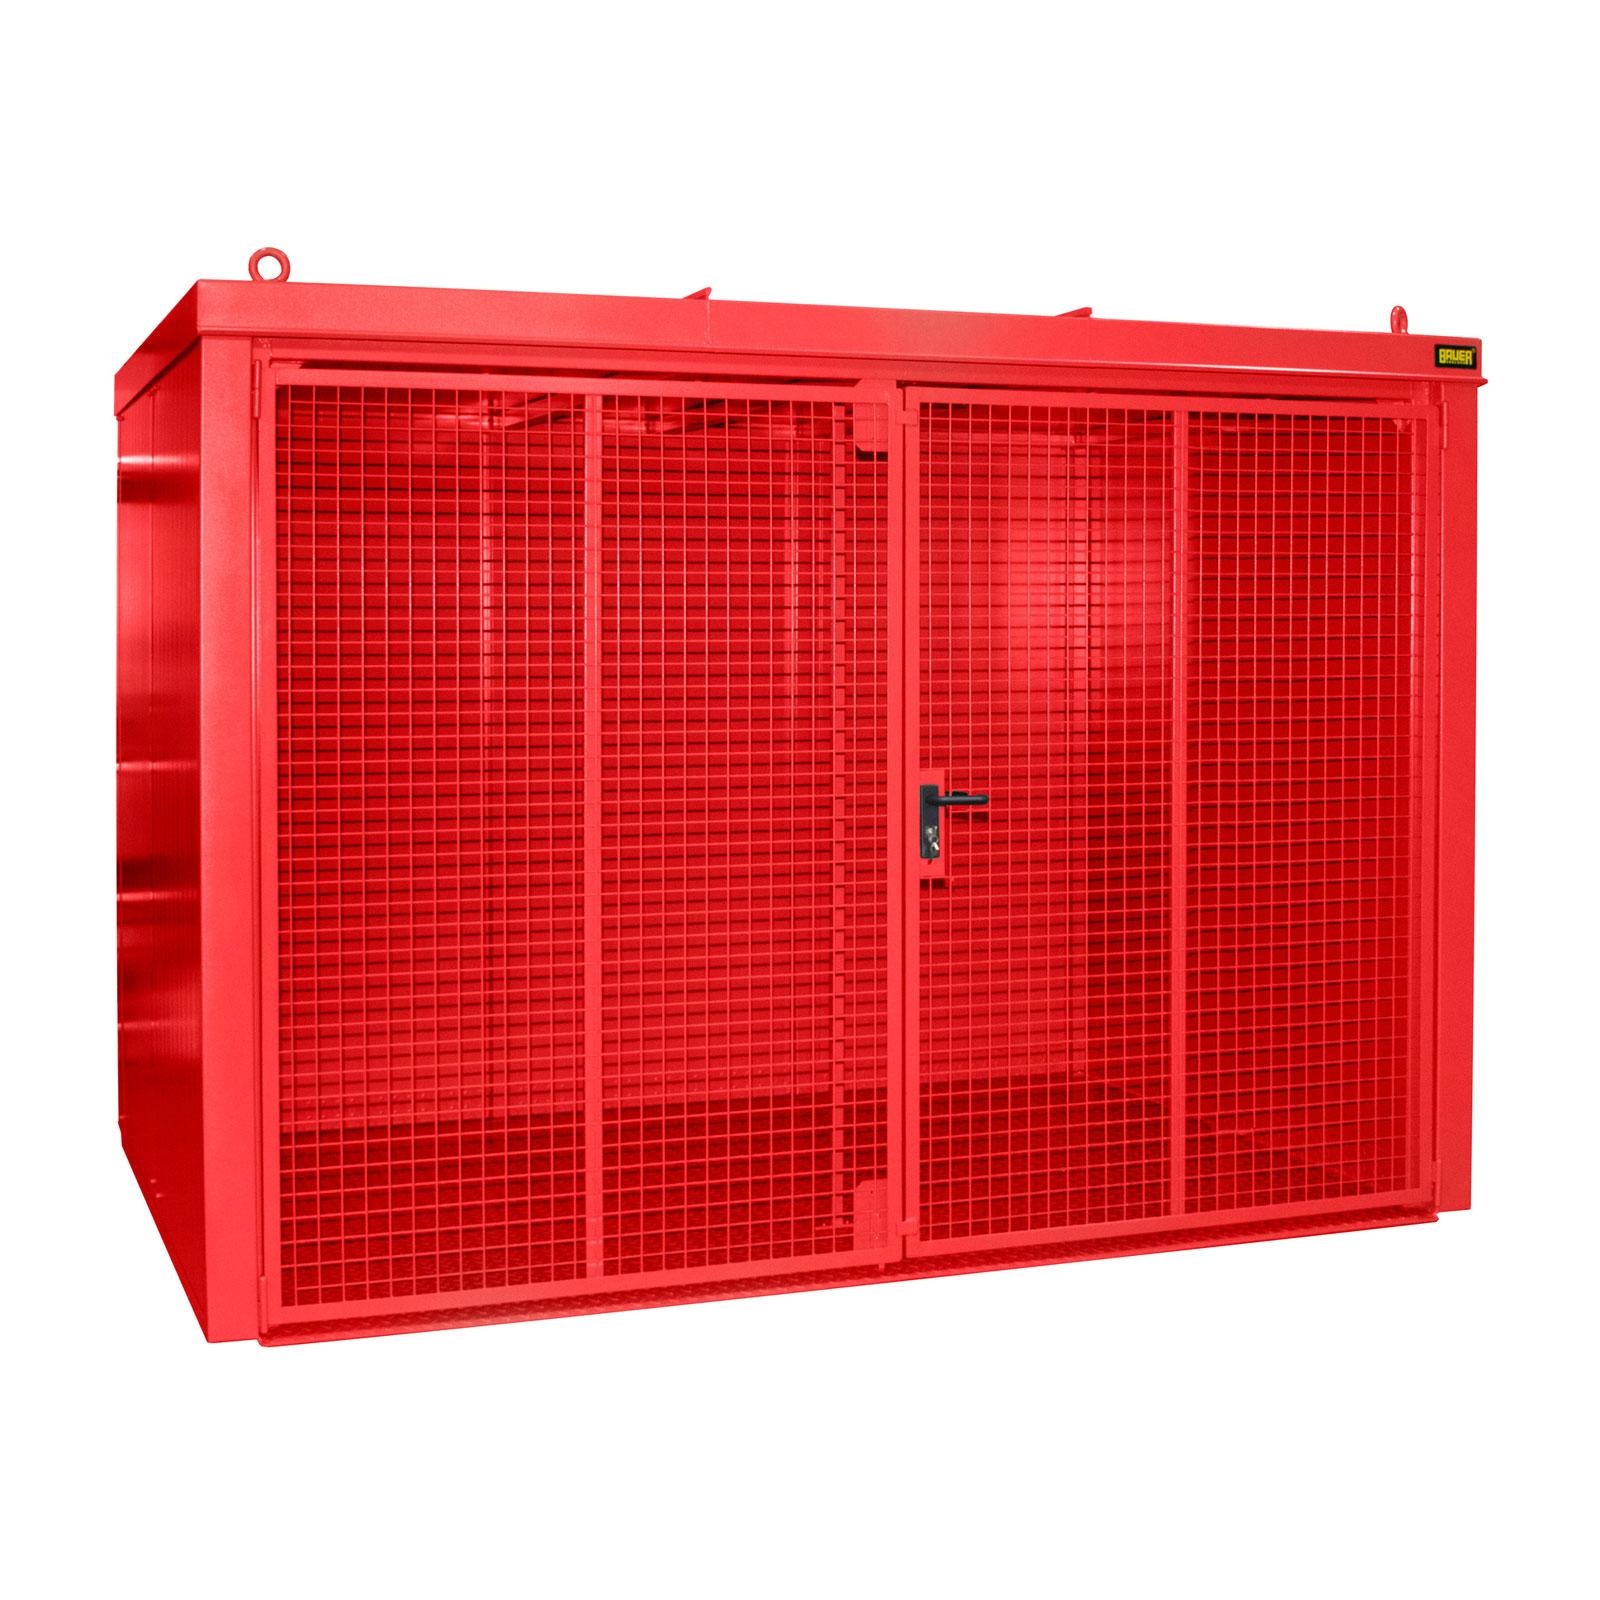 Bauer Gasflaschen-Container GFC-B M4, Feuerrot für 60x Gasflaschen Ø 230 mm 4477-34-0000-2